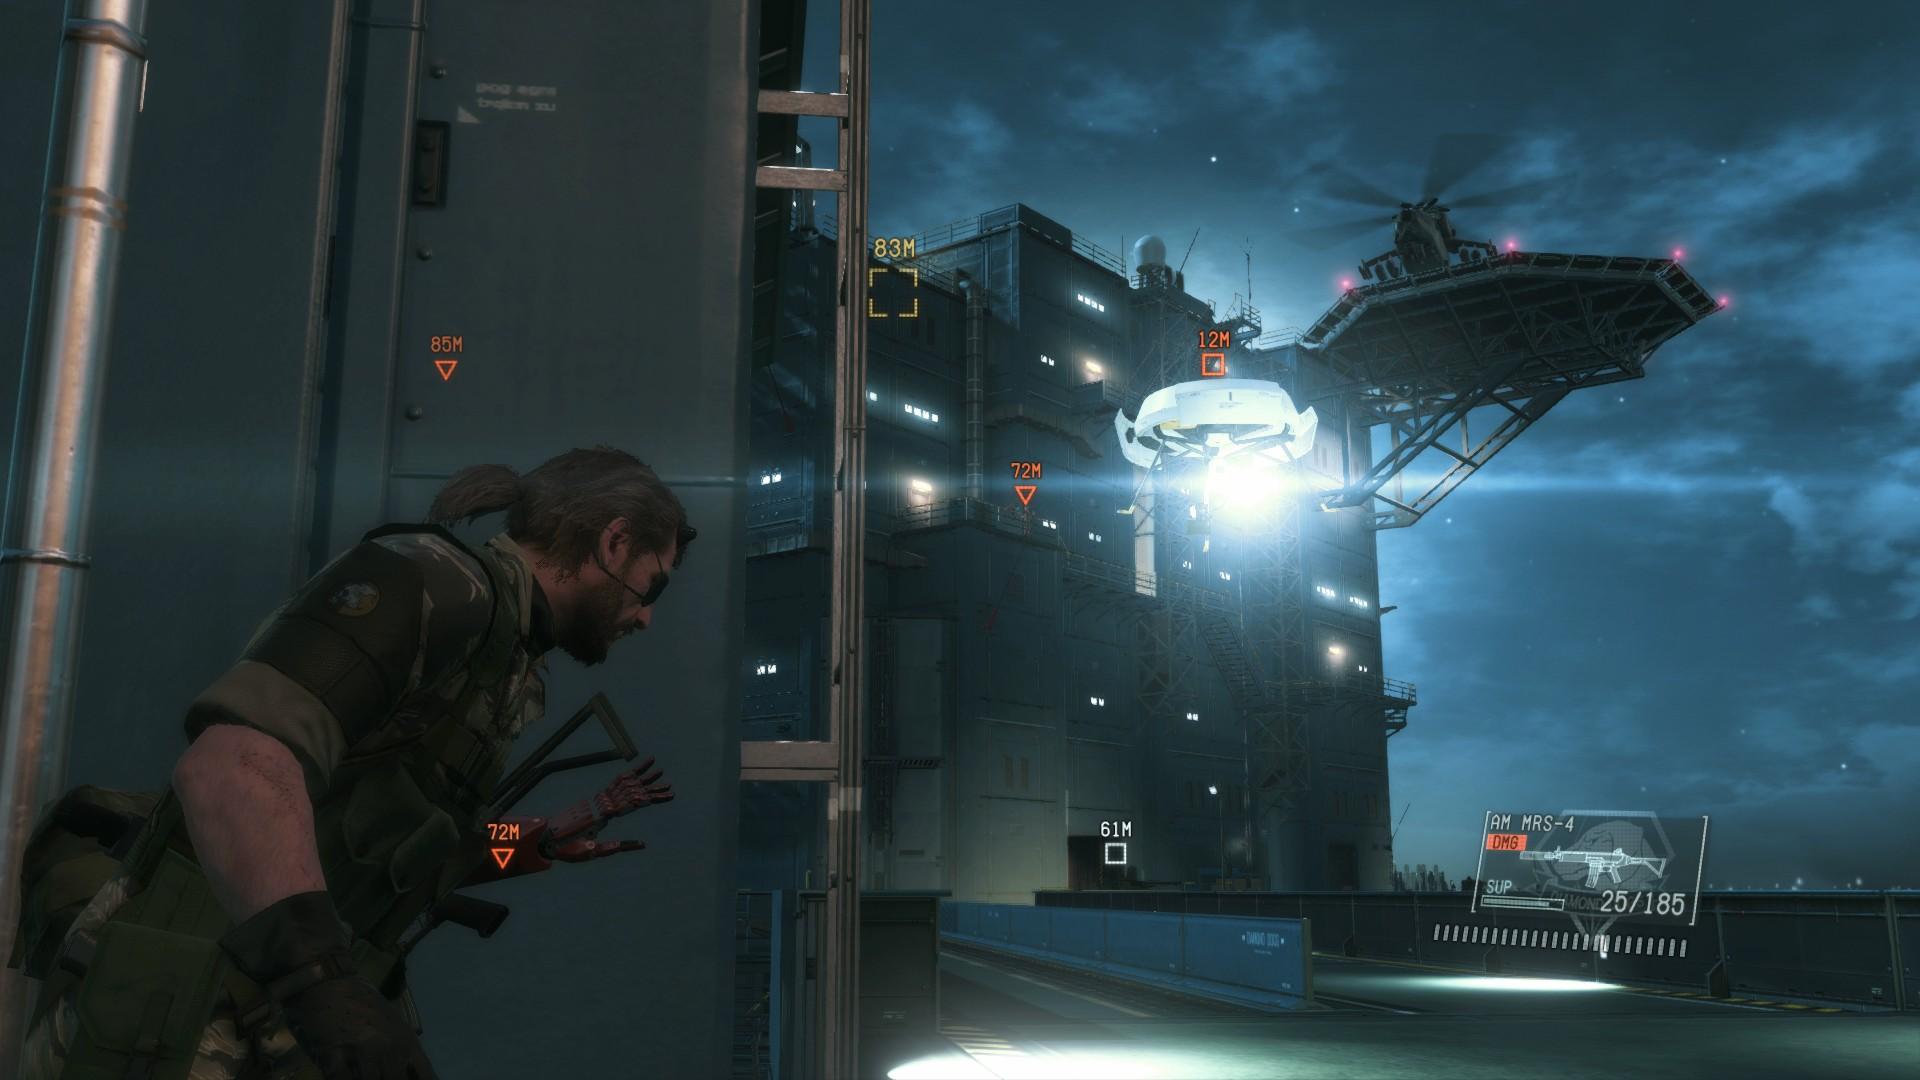 ゲームソフト Metal Gear Solid V The Phantom Pain プレイステーション